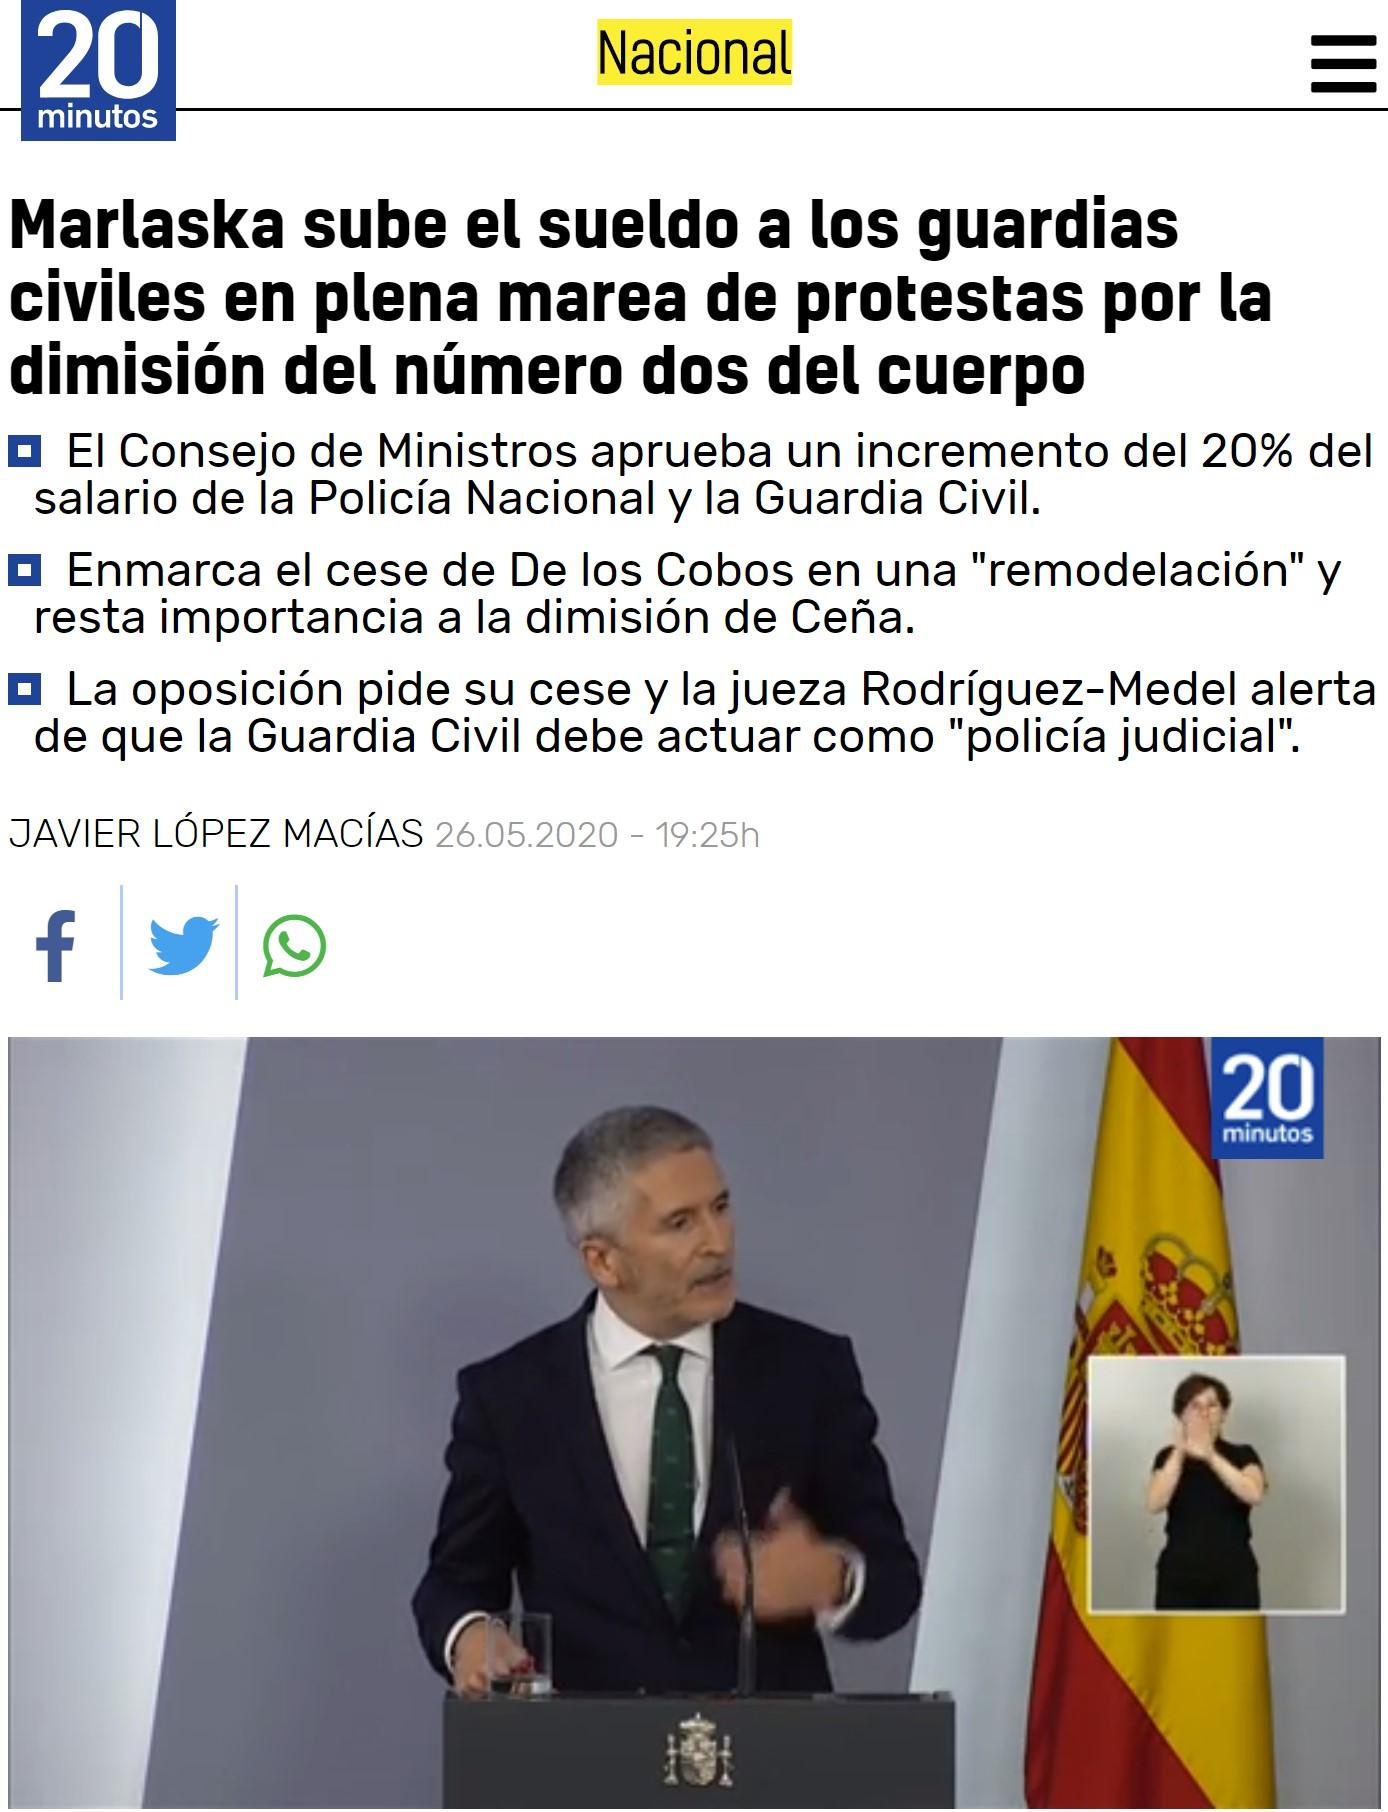 Otra cosa igual no, pero al PSOE hay que admitirle el don de la oportunidad